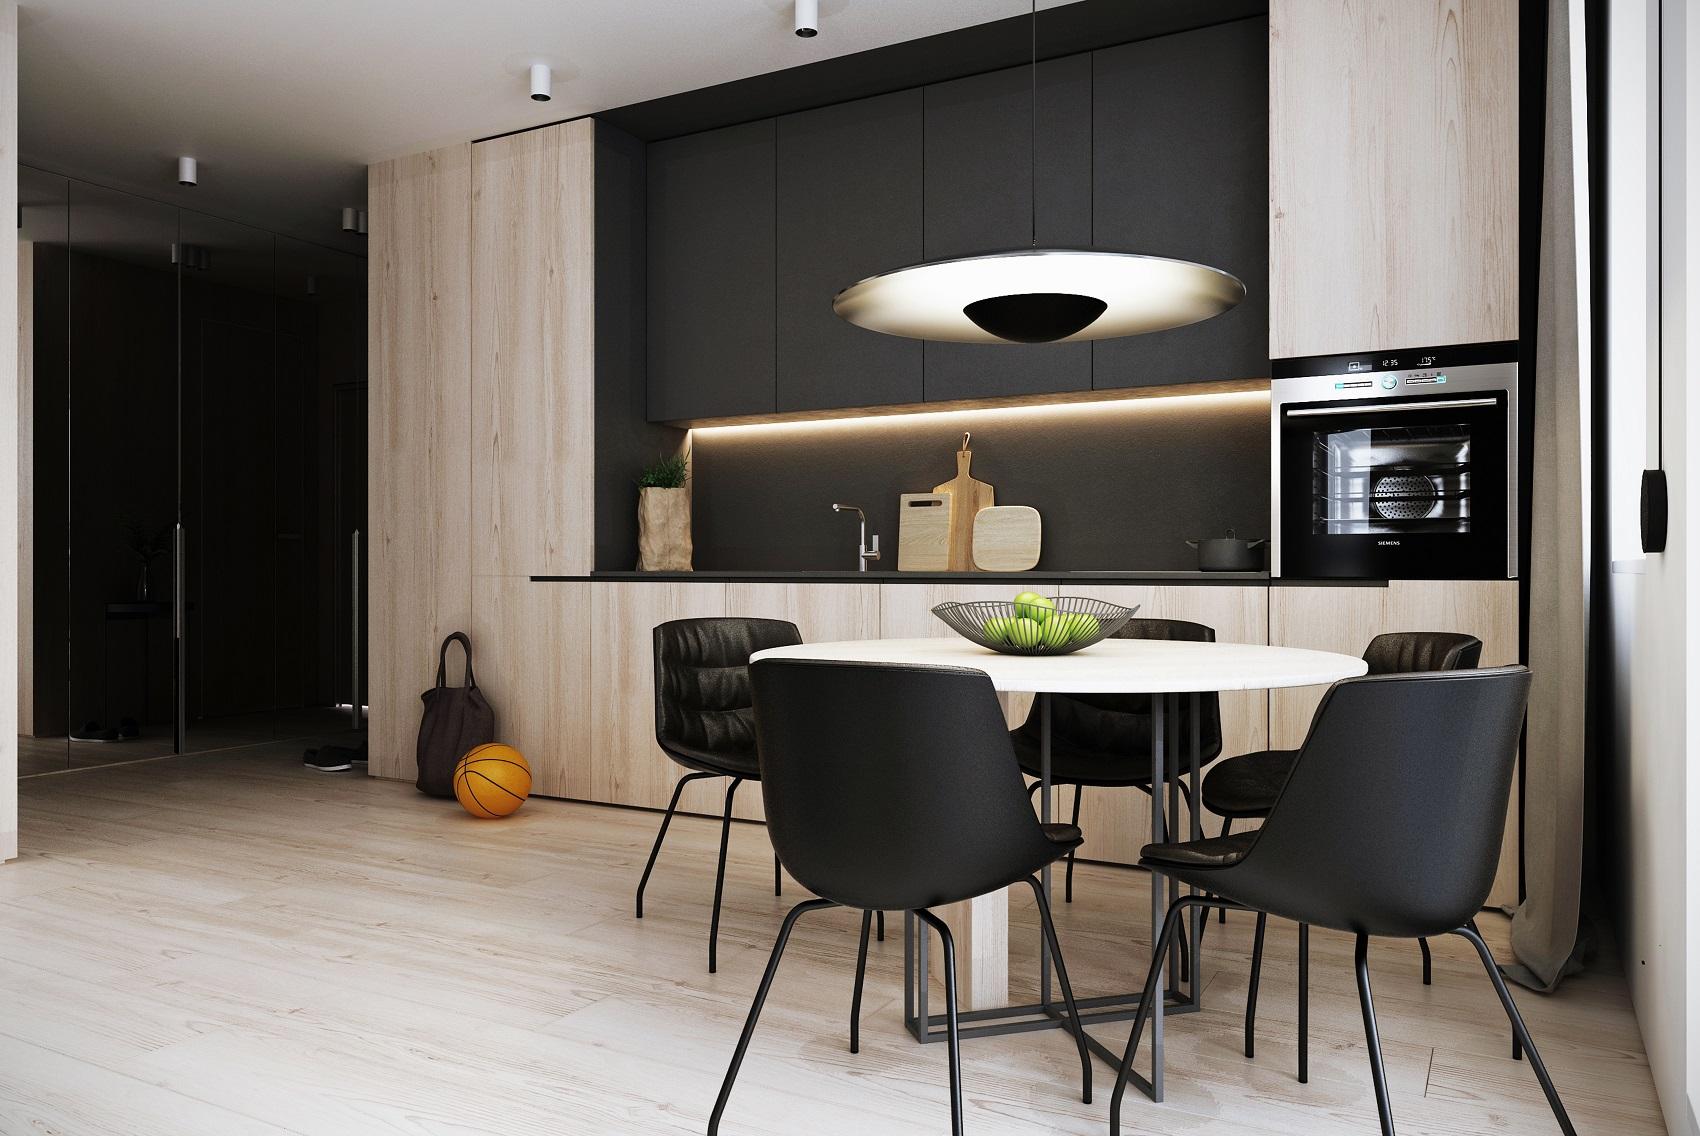 AA-goclaw-architekt-wnetrza-warszawa-projekt-dekaa